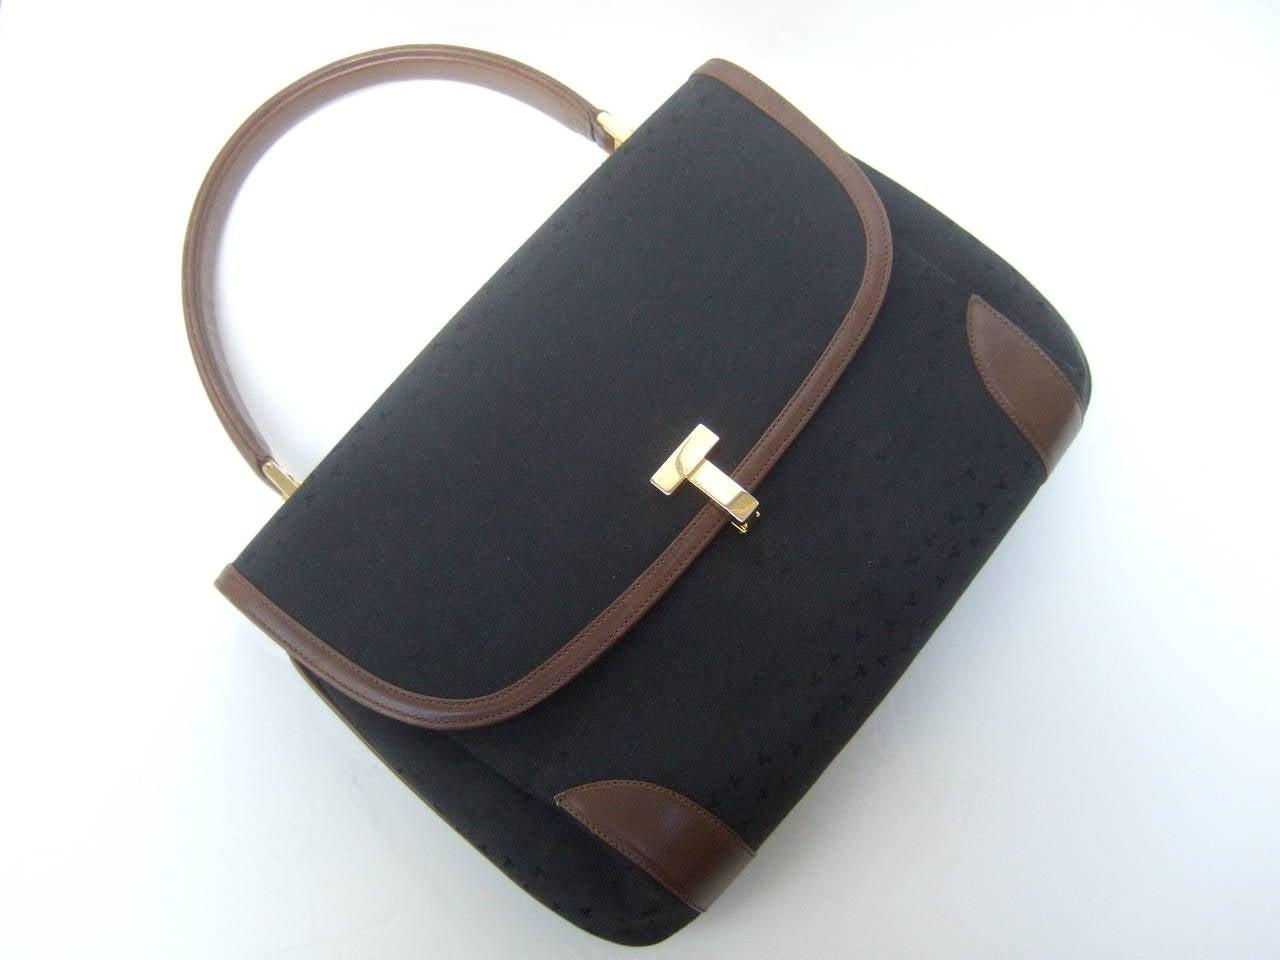 Tiffany & Company Black Canvas Handbag Made in Italy c 1980 For Sale 6